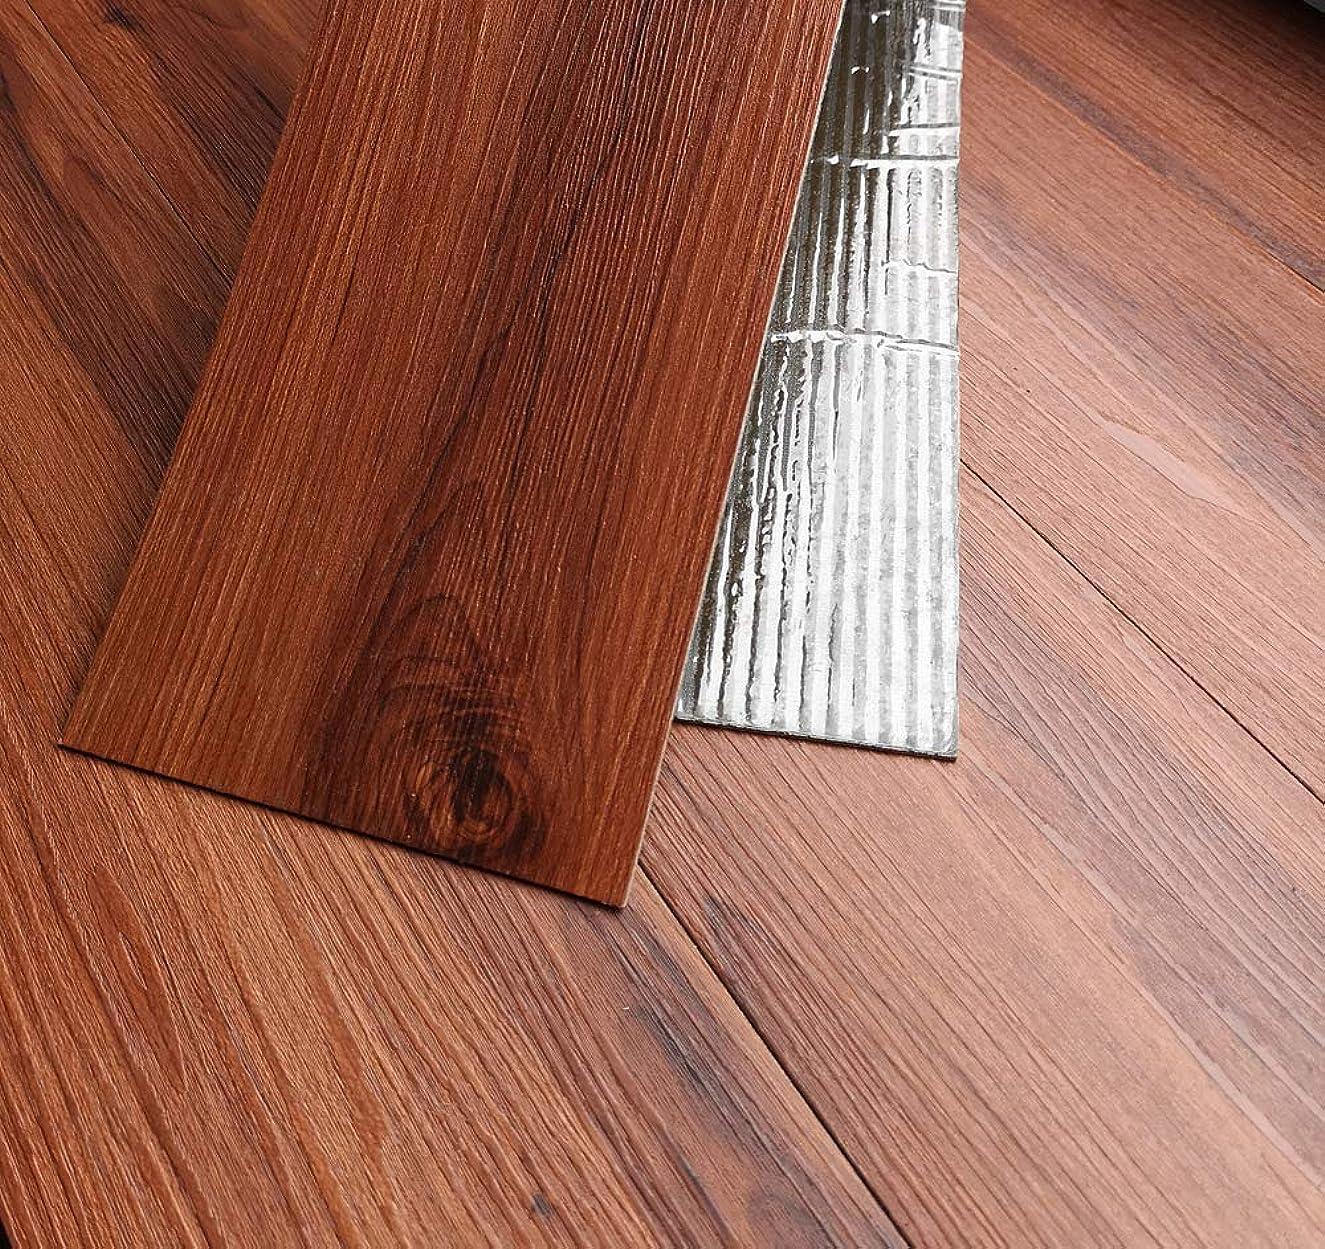 最少スリッパタバコTakarafune フローリング 床デコ フロアタイル 接着剤不要 木目 床 防水シート 床材 貼るだけフローリングタイル 36枚セット